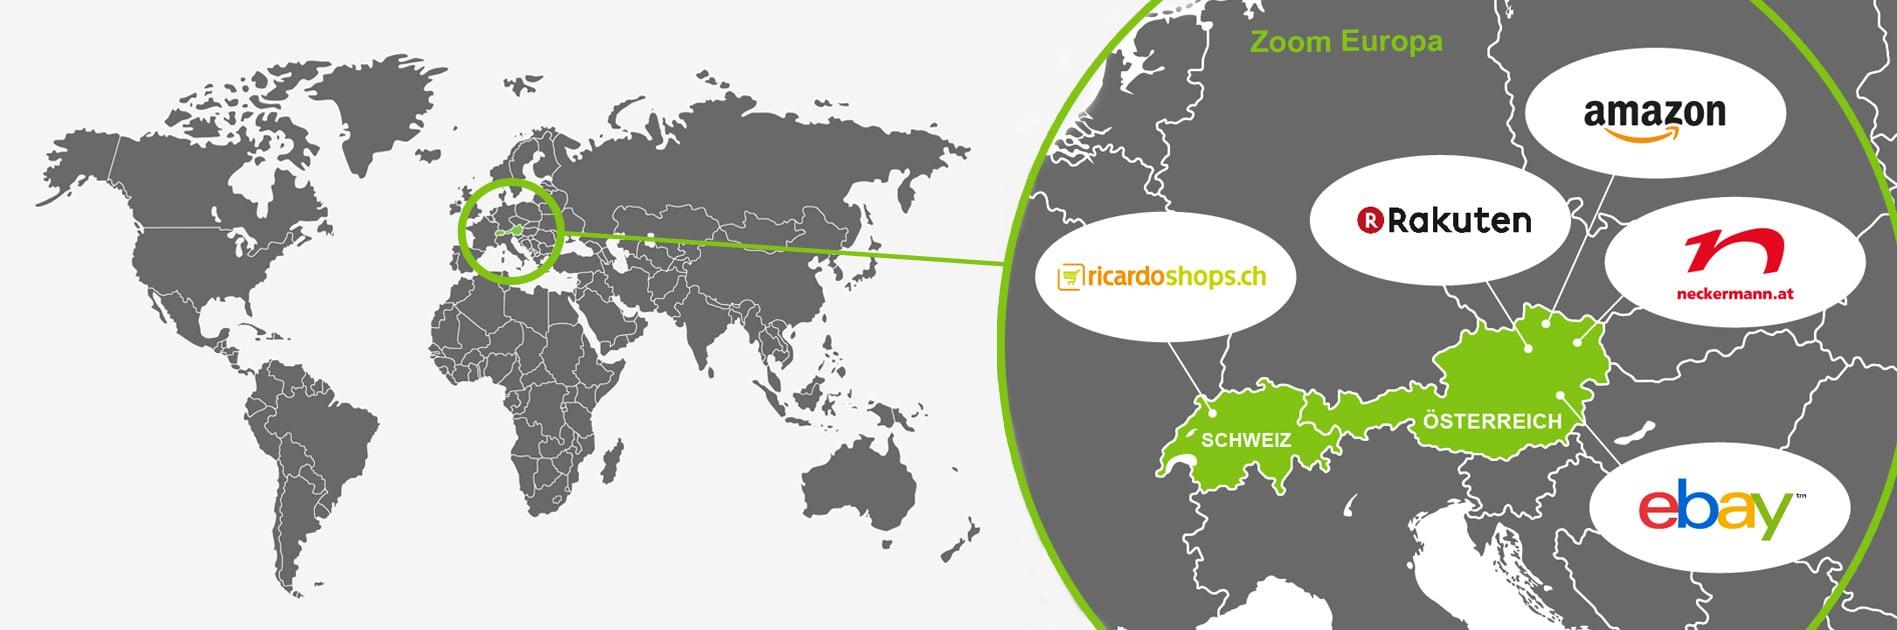 News-Internationalisierung-Step1